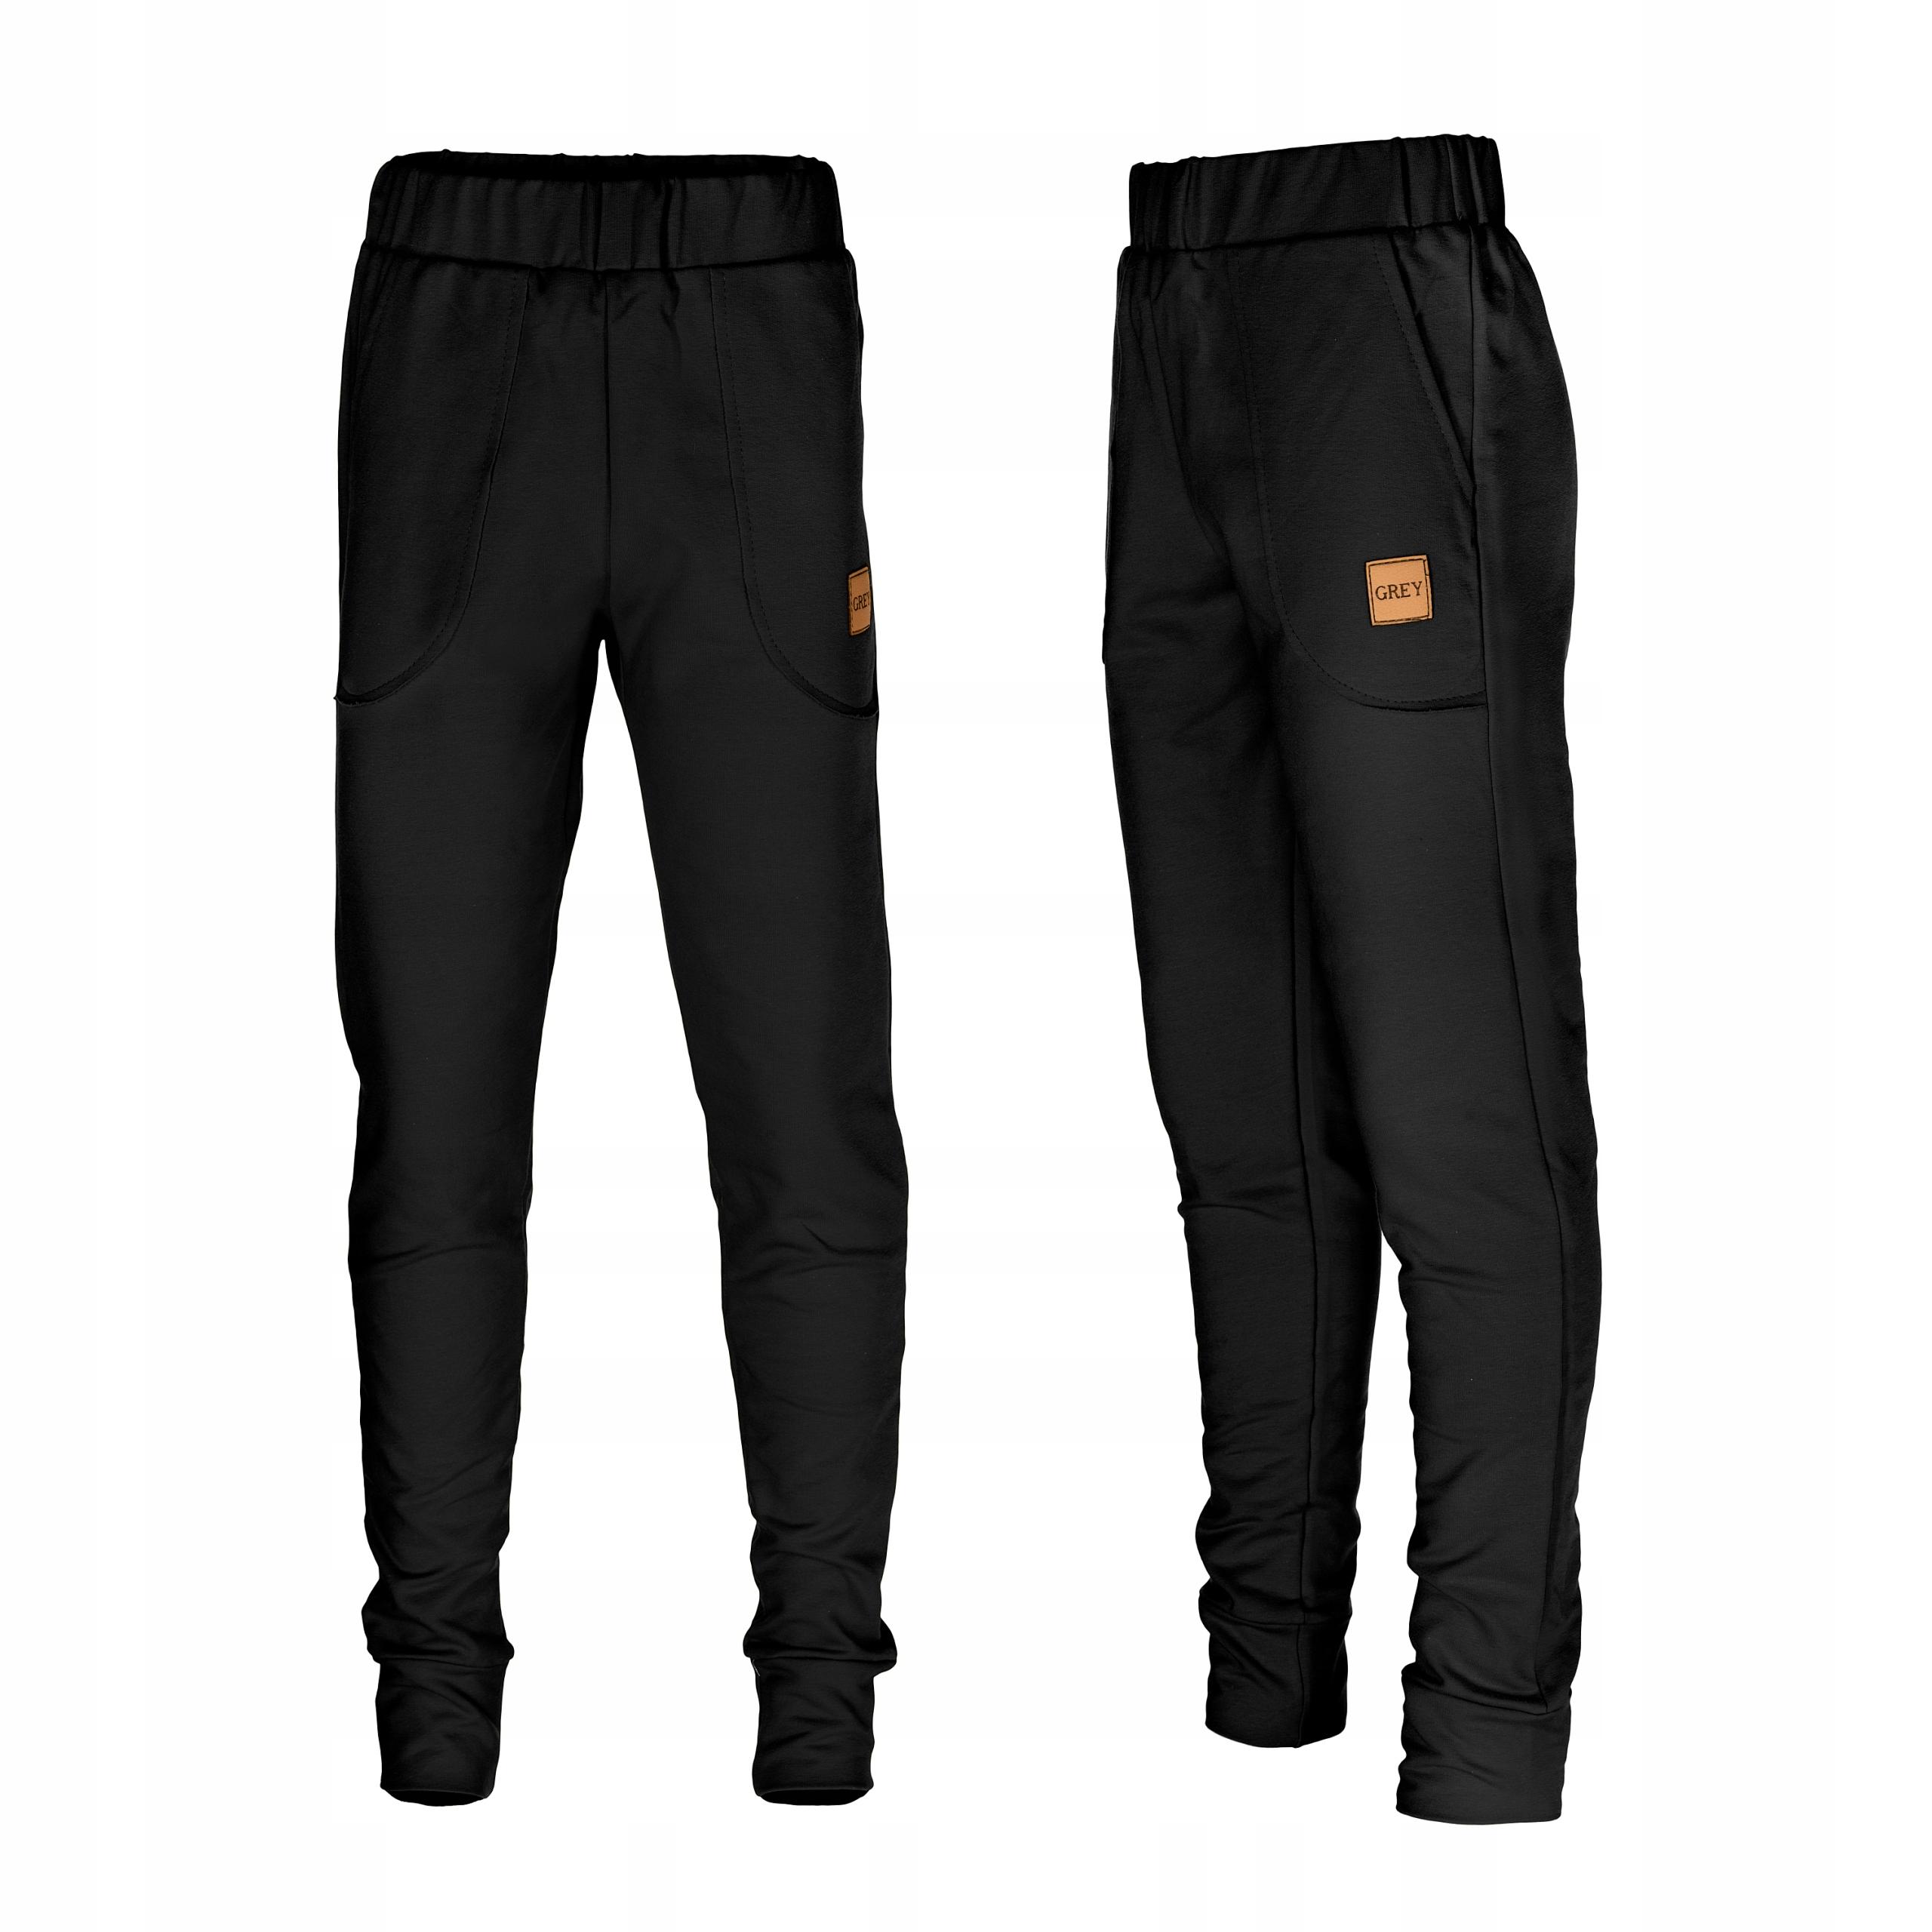 Spodnie dresowe modny fason dres KOLORY!!! r 140 9637468863 - Allegro.pl